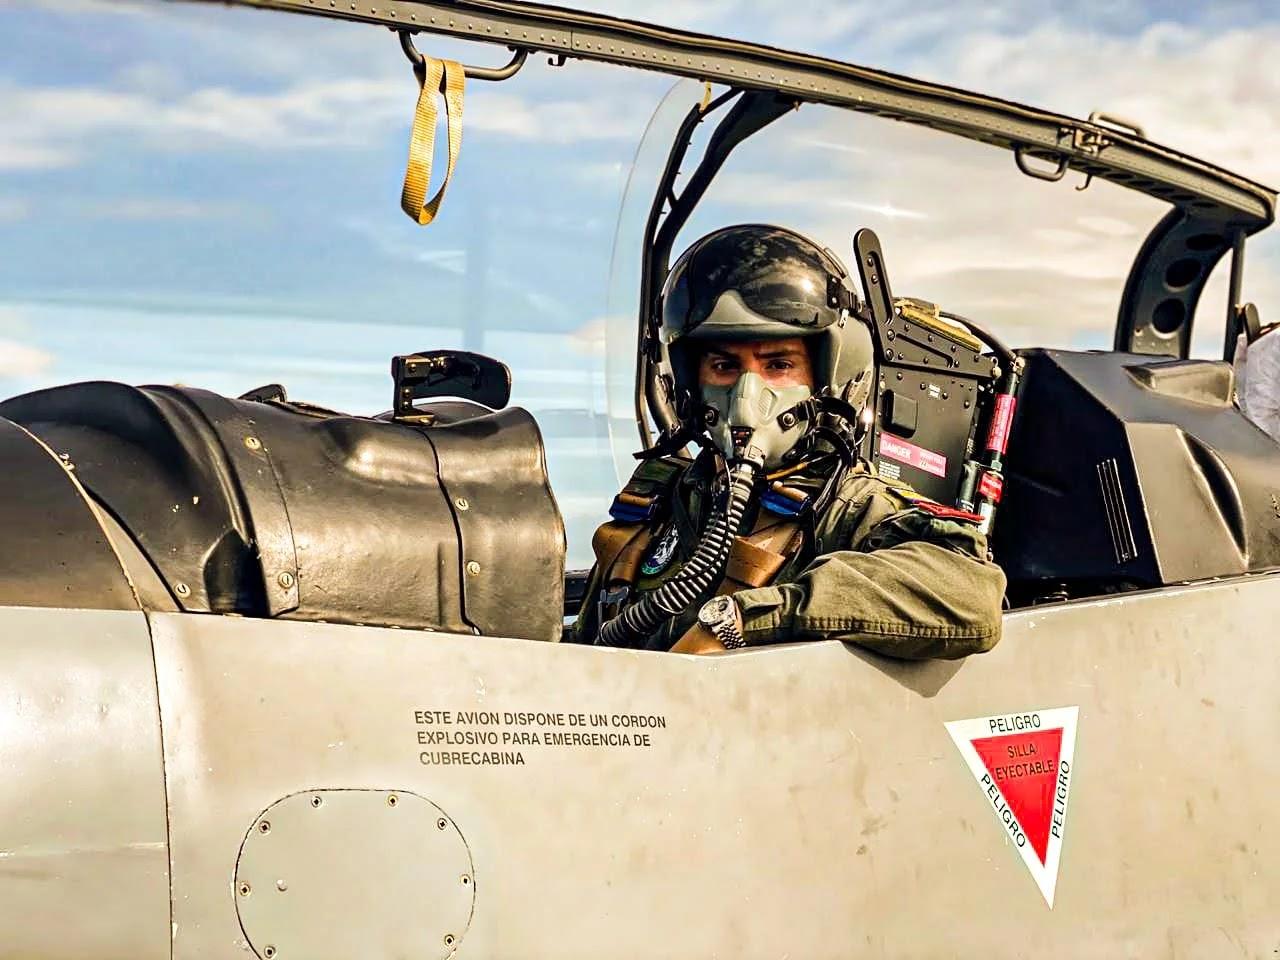 En total son 14 los subtenientes que reciben su formación como alumnos del Escuadrón 212 en estos poderosos equipos